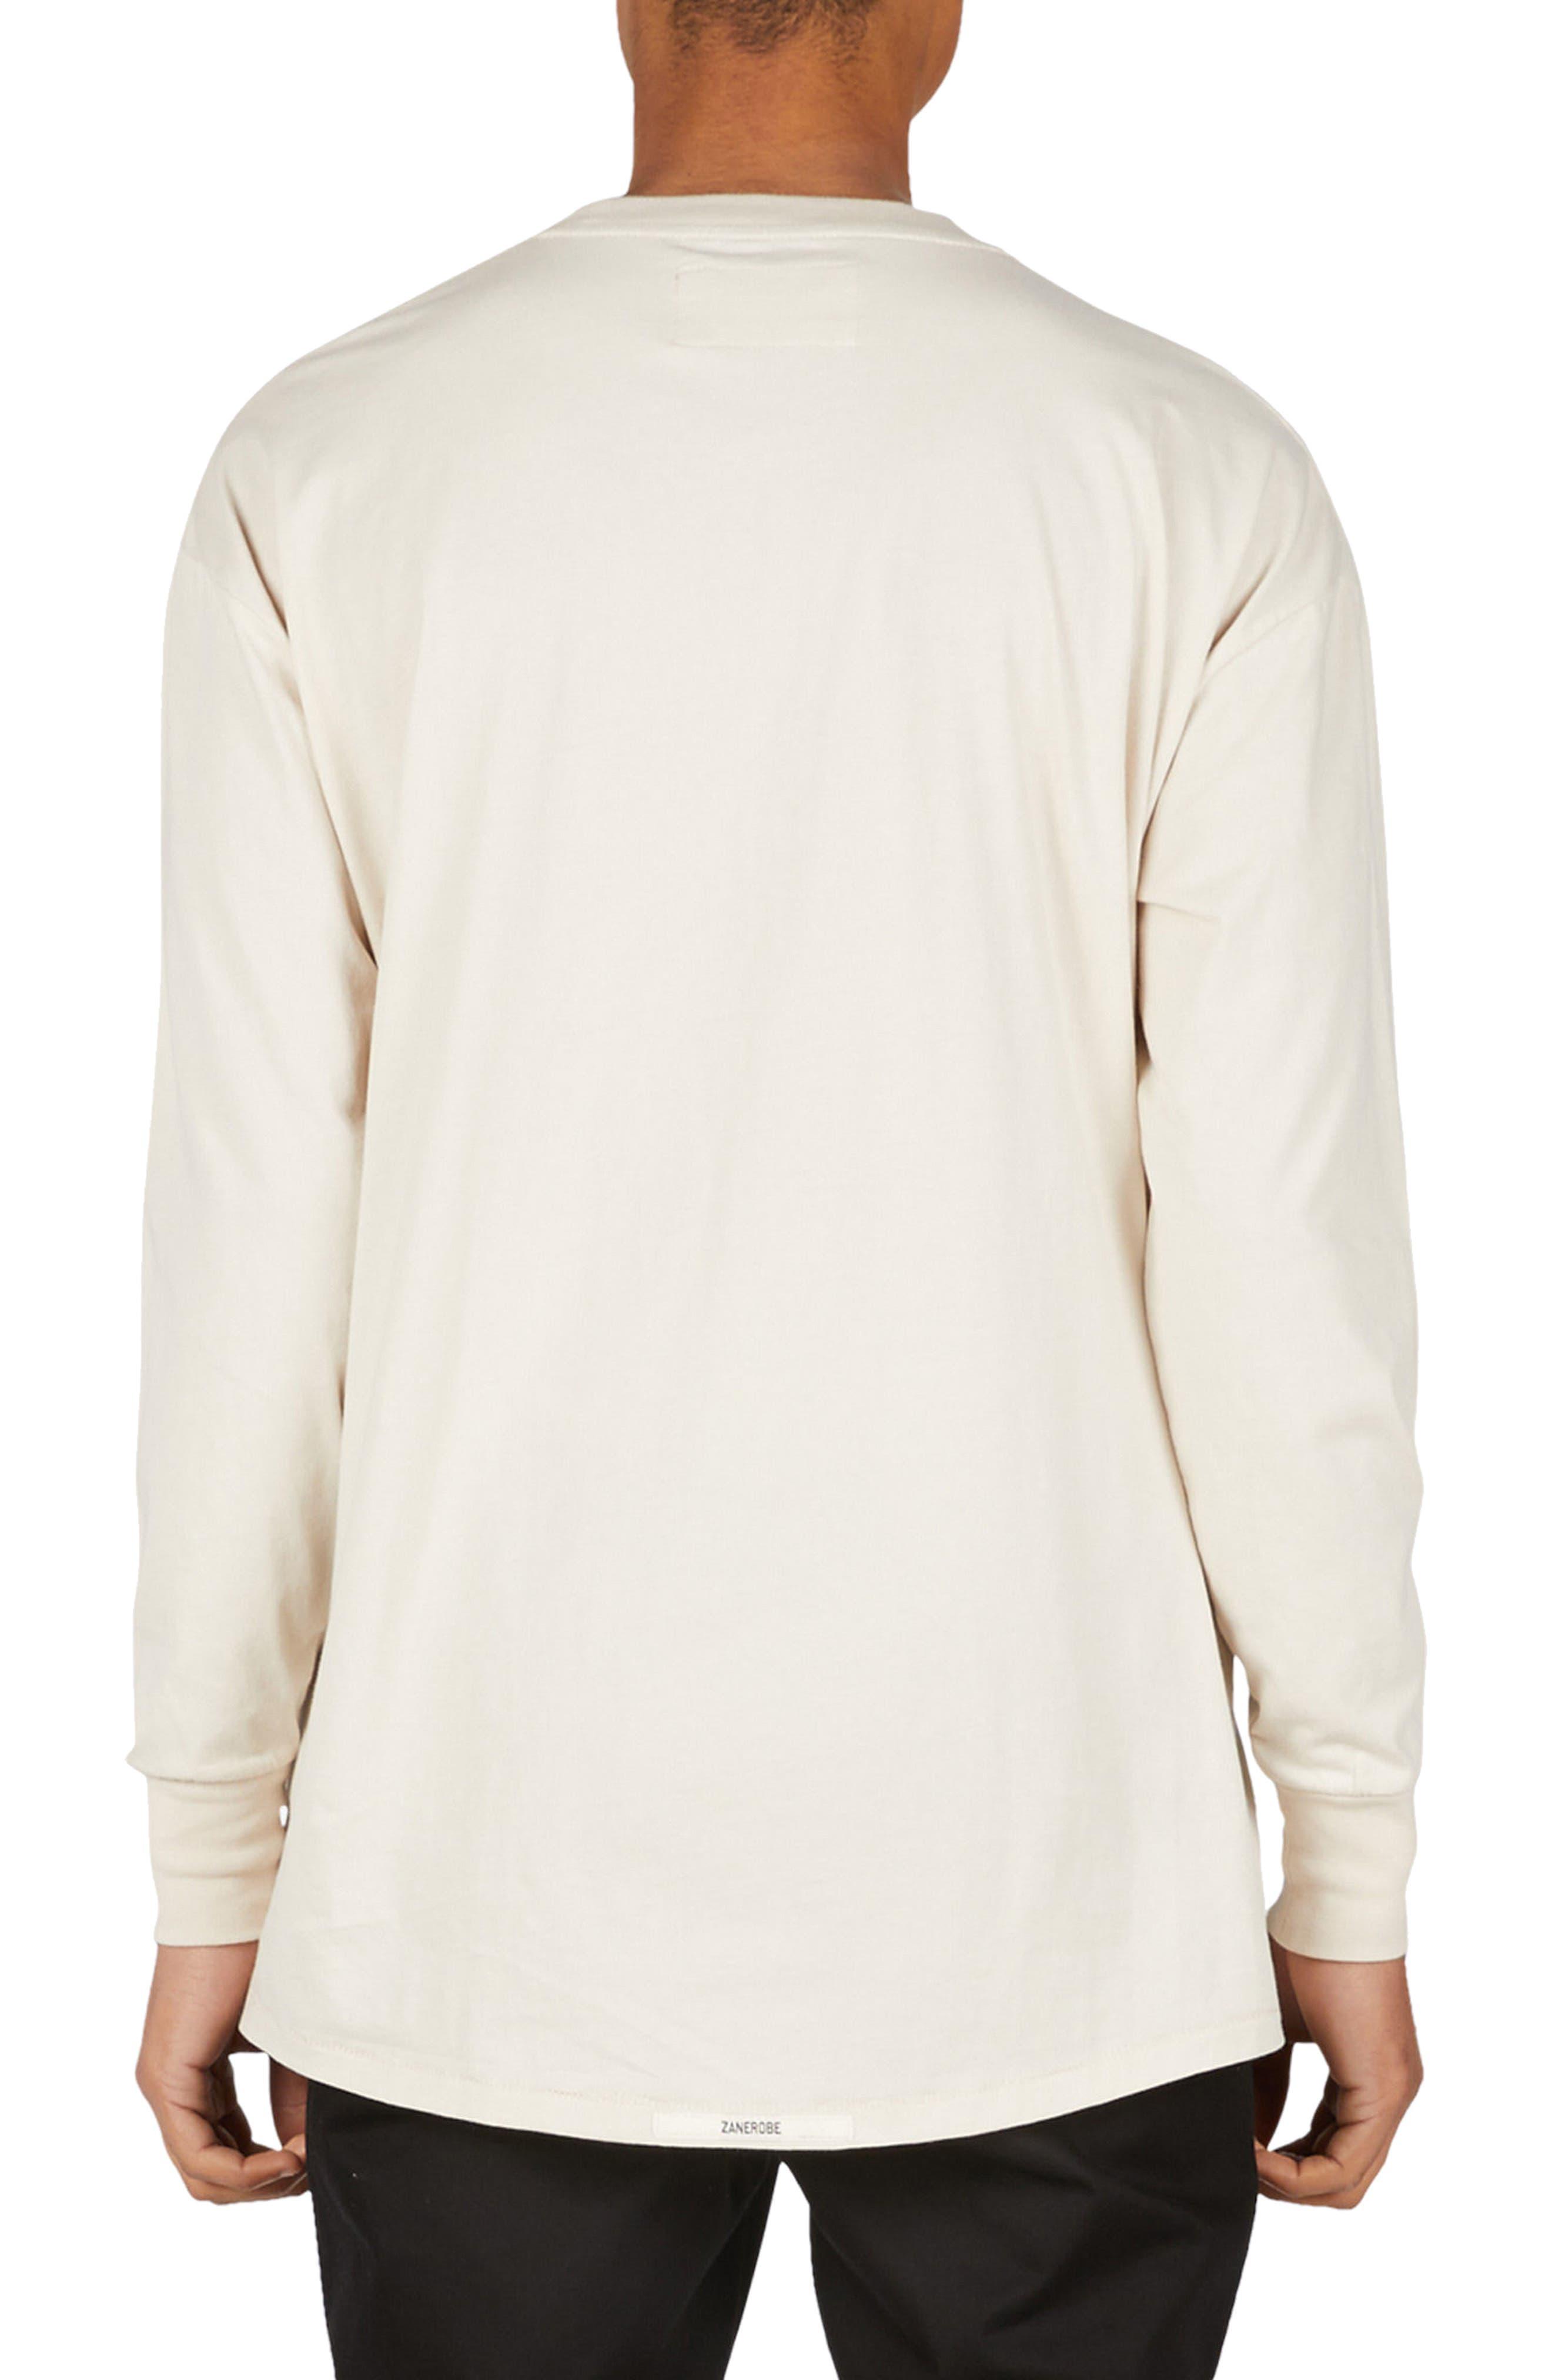 Brand Rugger T-Shirt,                             Alternate thumbnail 2, color,                             901